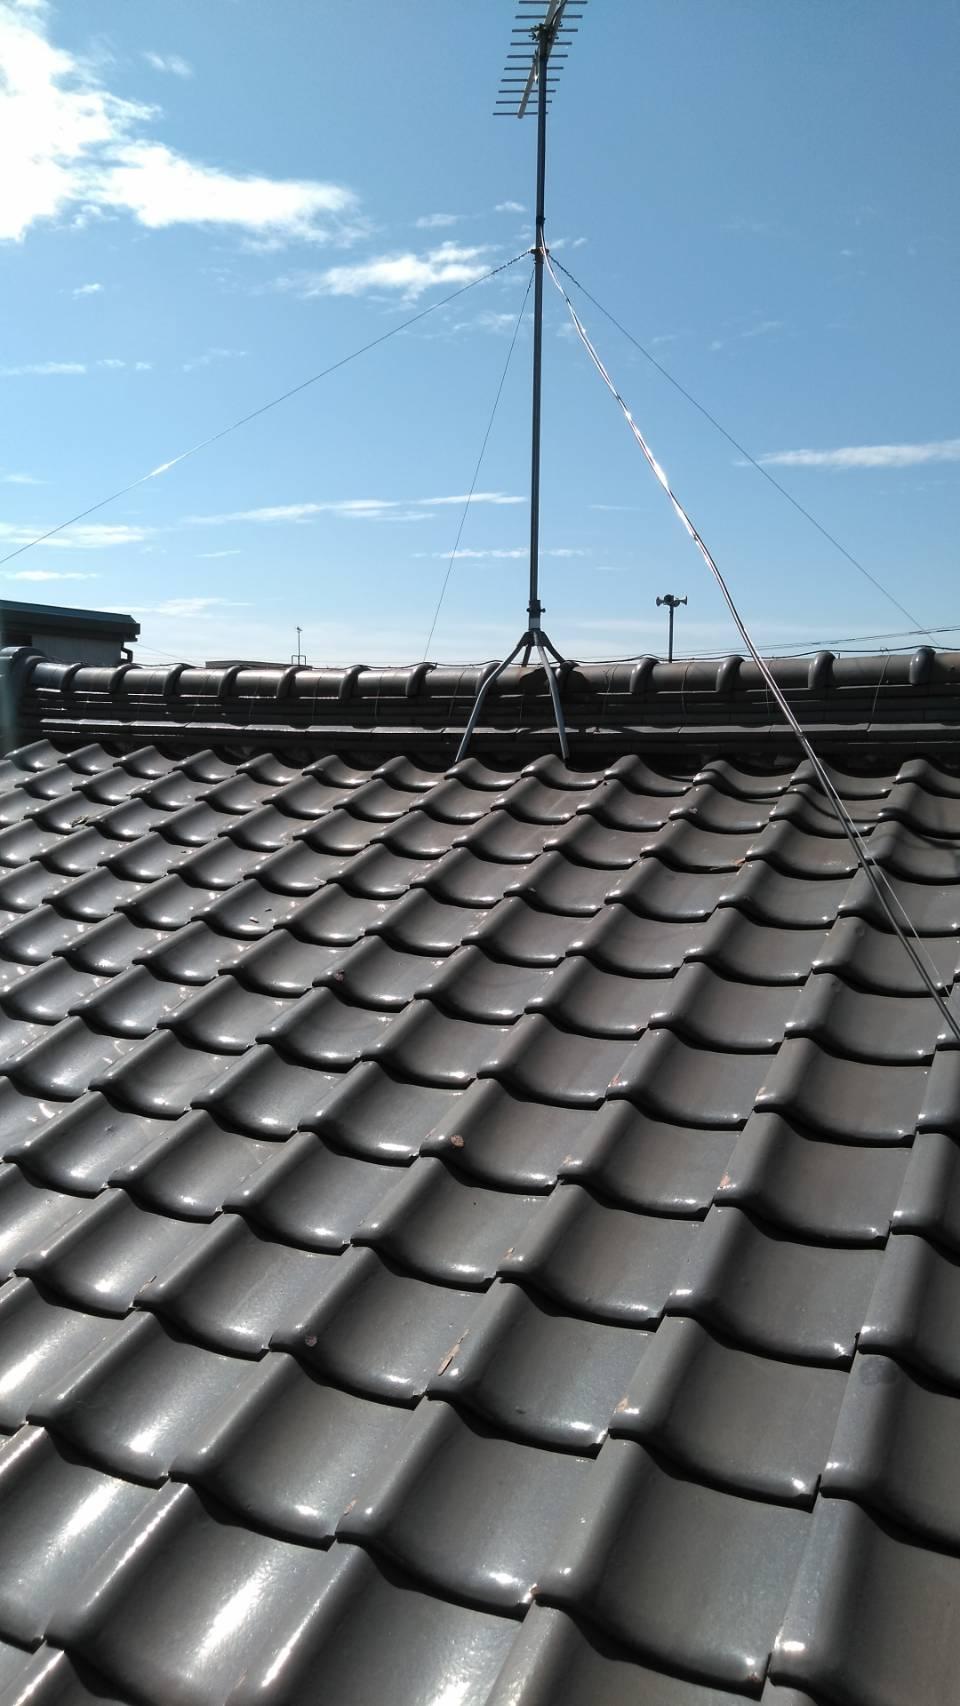 岐阜市で屋根漆喰下塗り工事を行いました